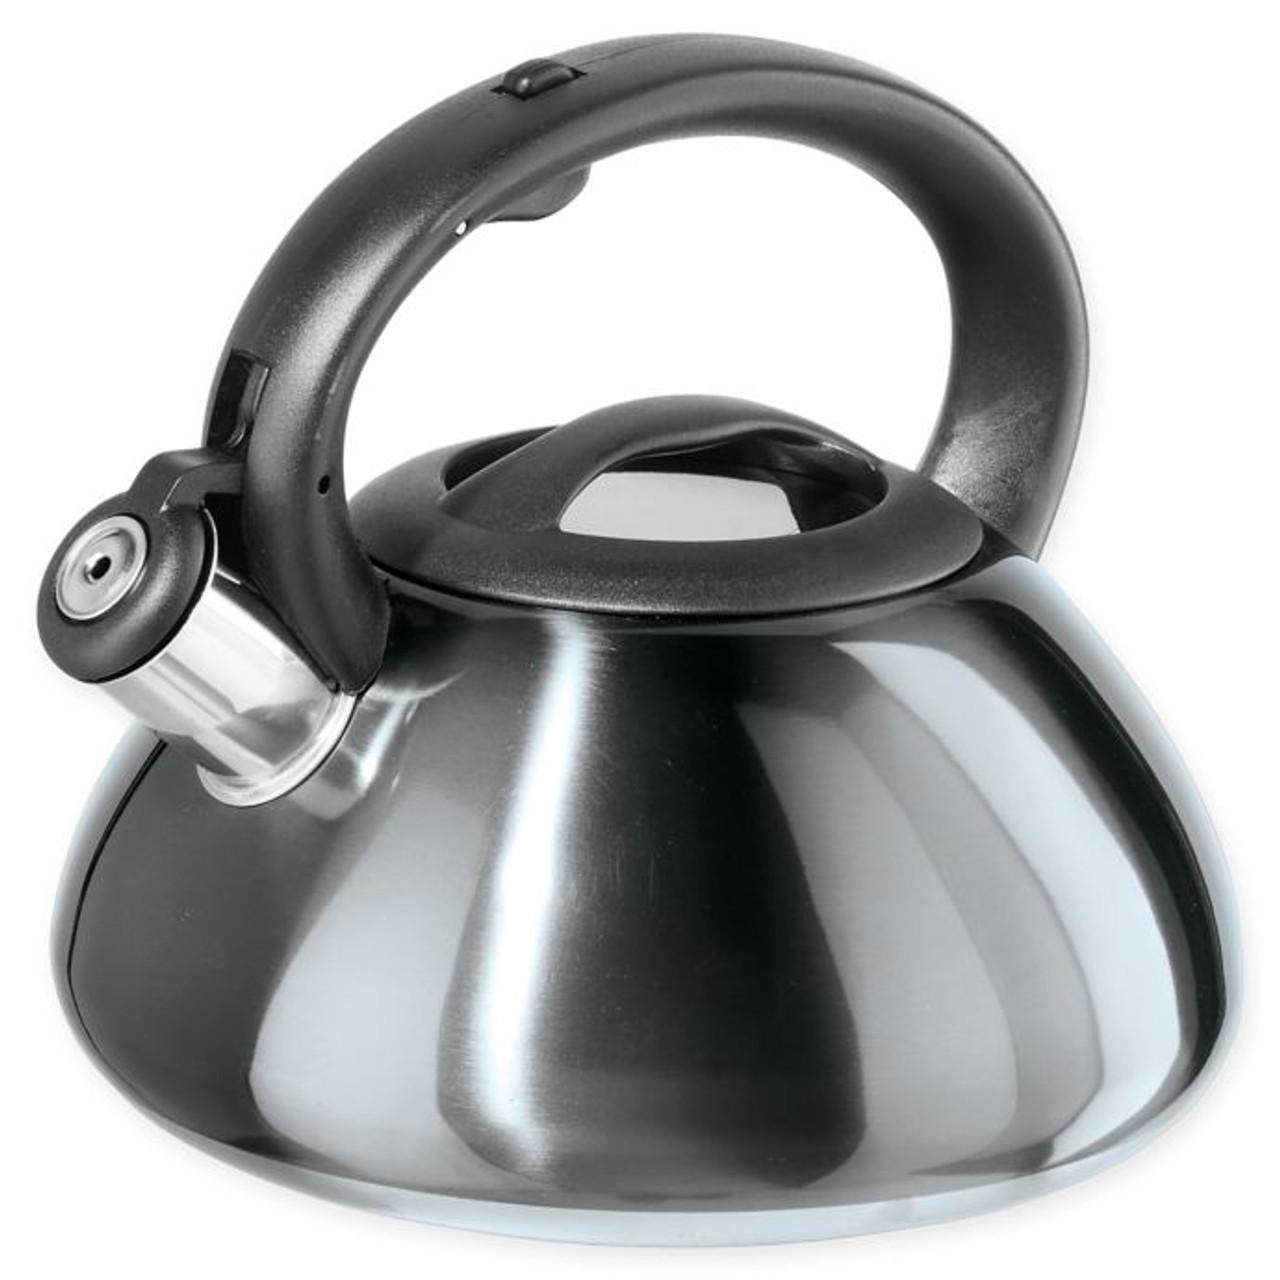 Oggi 7592 10 Stainless Steel Whistling Kettle 85 Oz Grey Win Depot